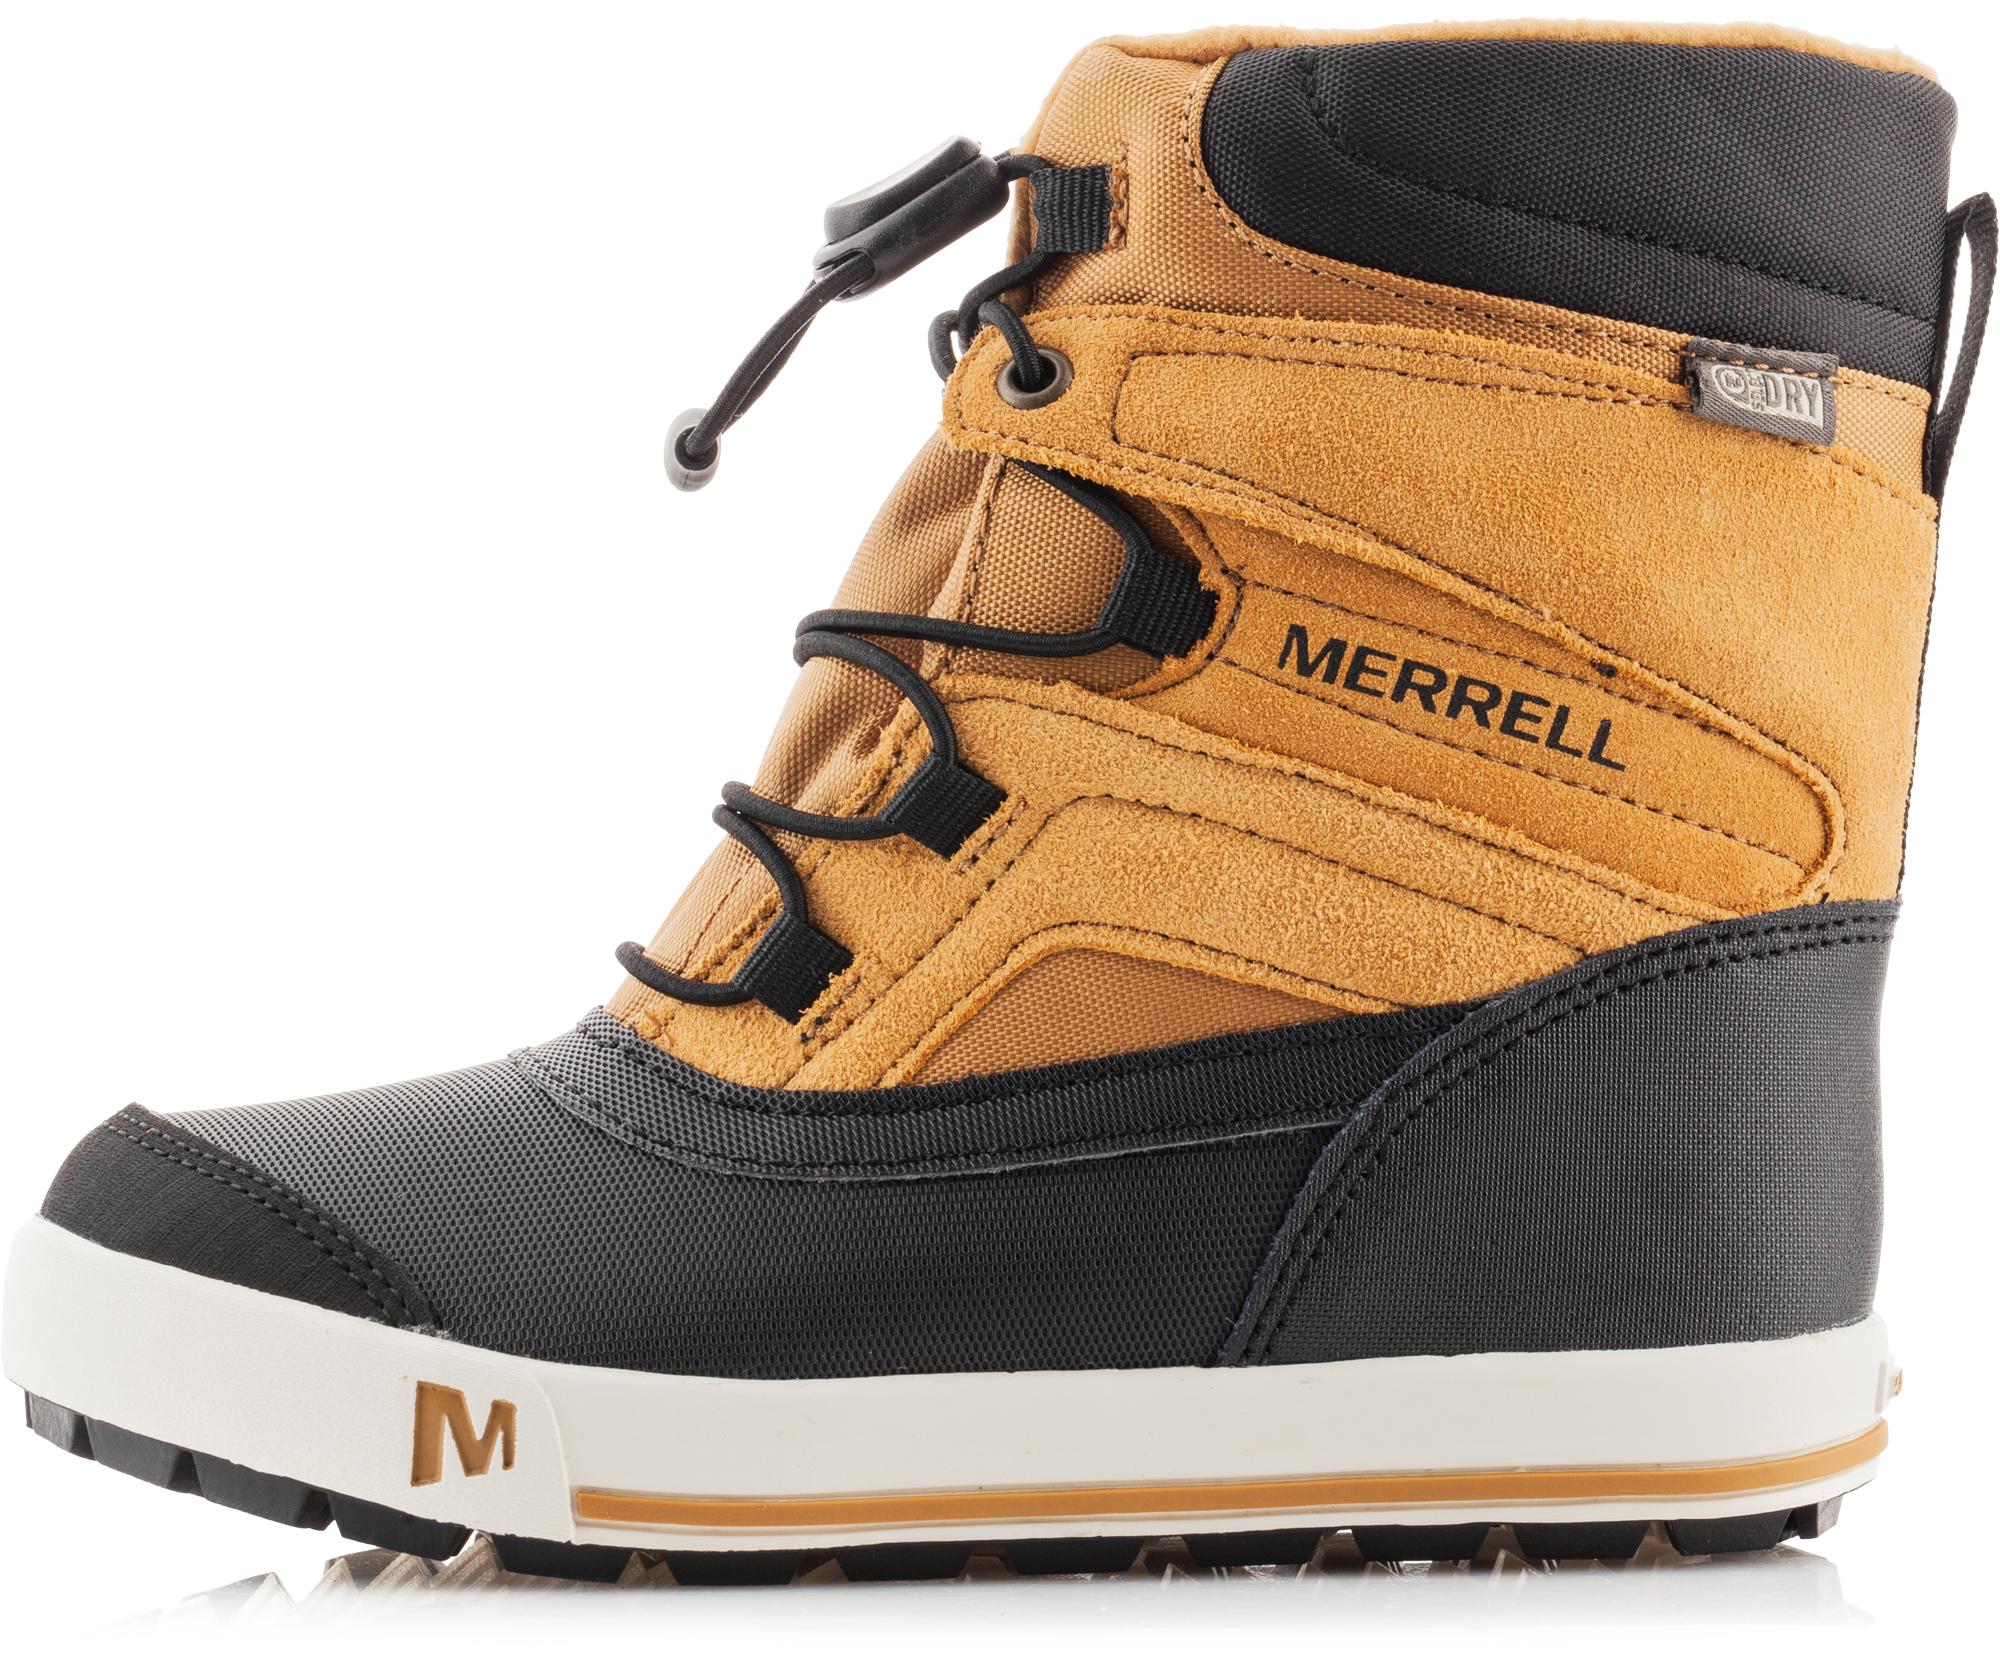 Merrell Ботинки утепленные для мальчиков Merrell Snow Bank 2.0